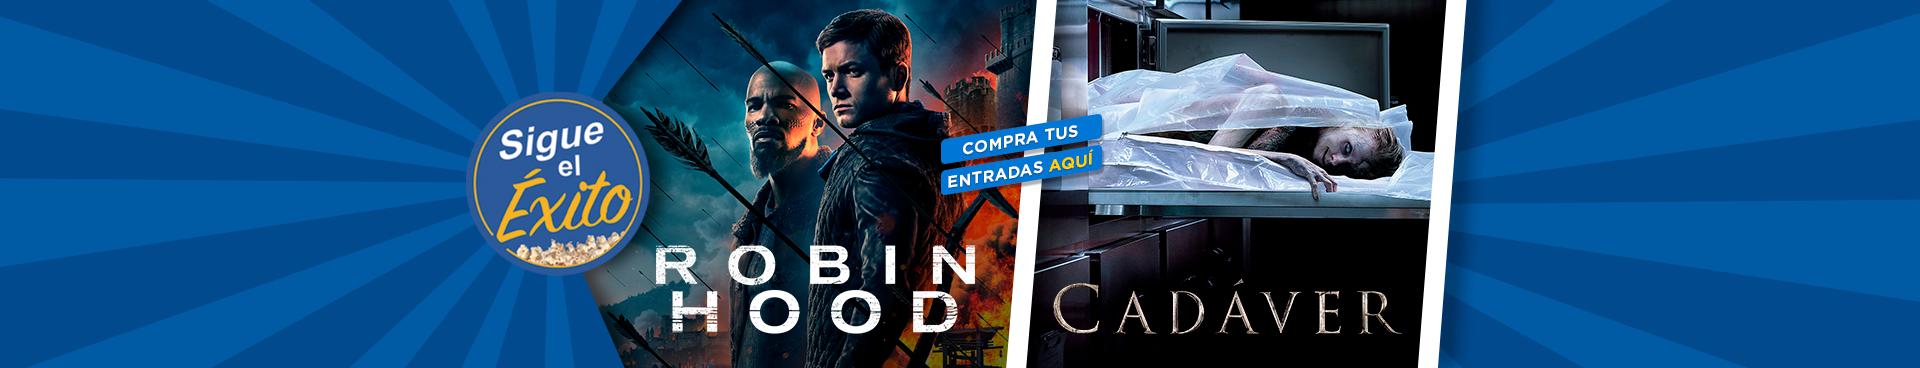 SIGUE EL ÉXITO: ROBIN HOOD + CADAVER, COMPRA TUS ENTRADAS AQUÍ